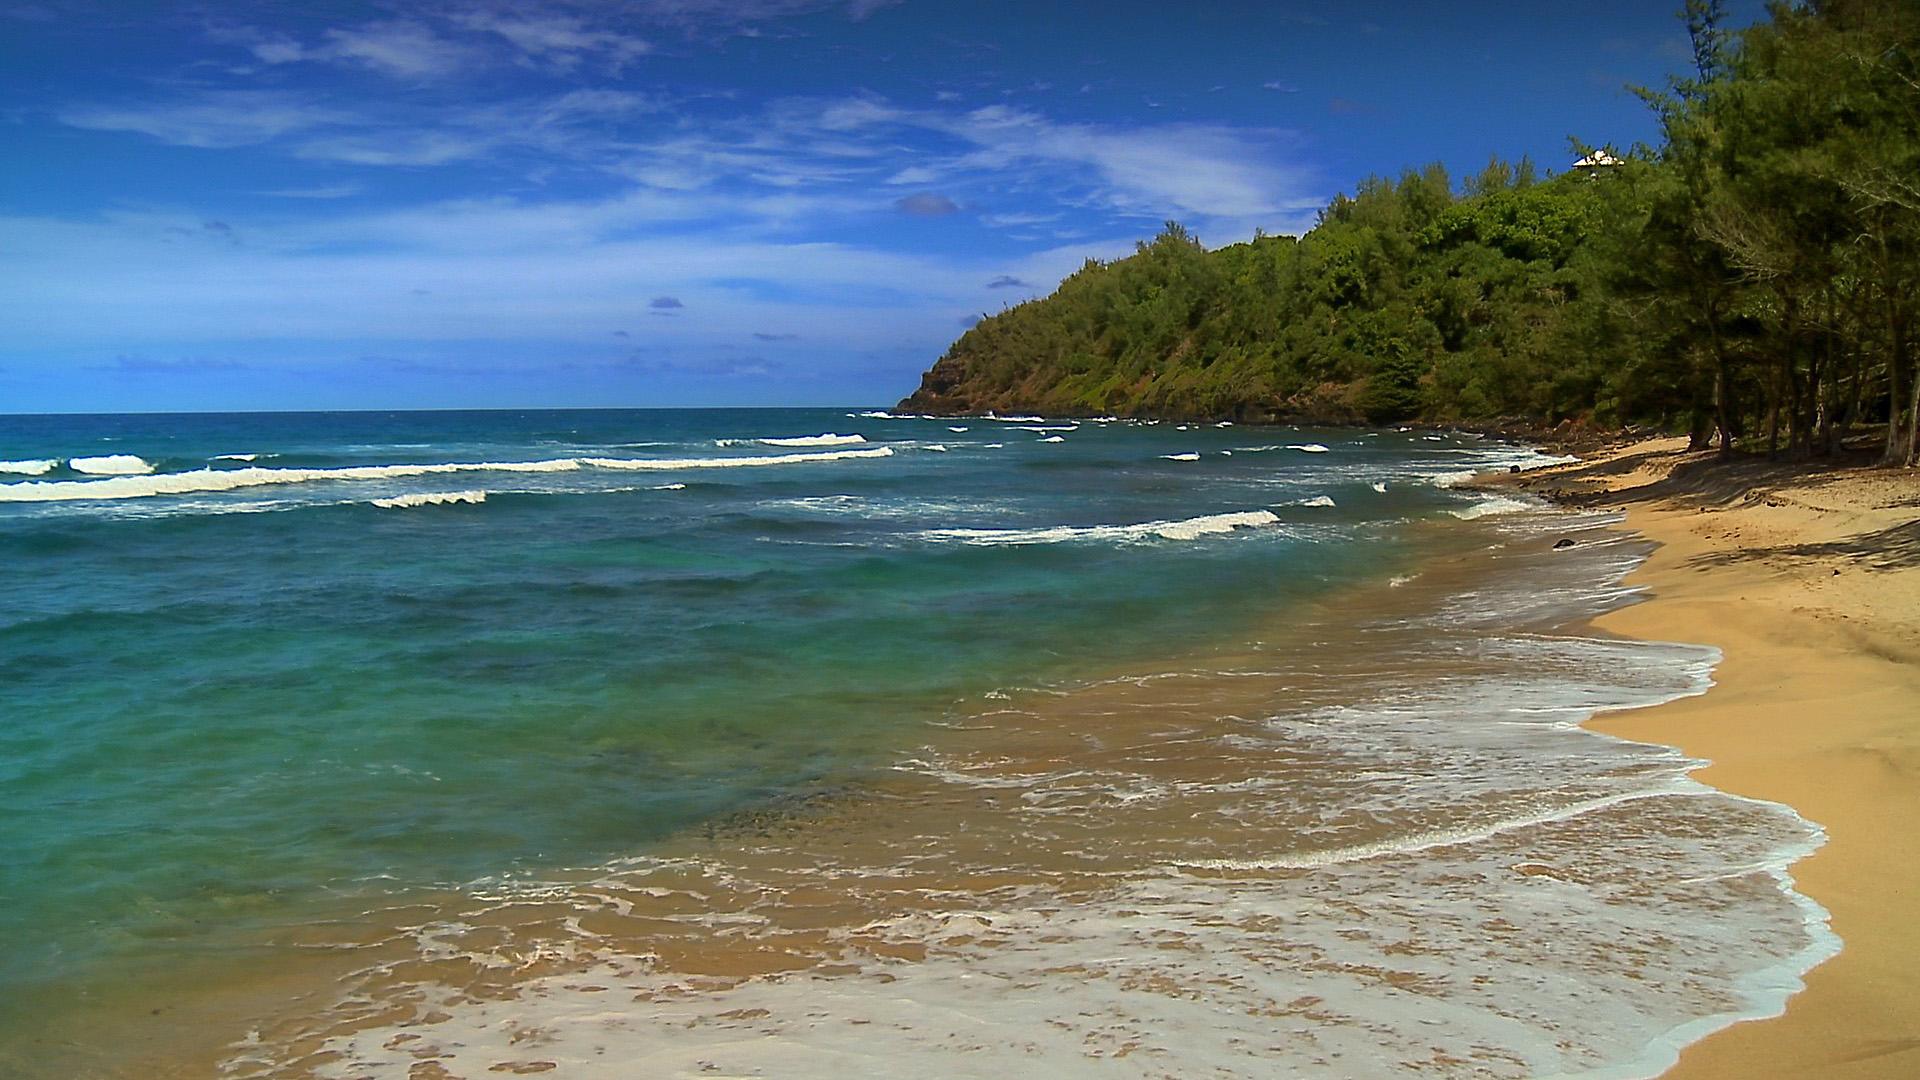 Море пляж фото для рабочего стола